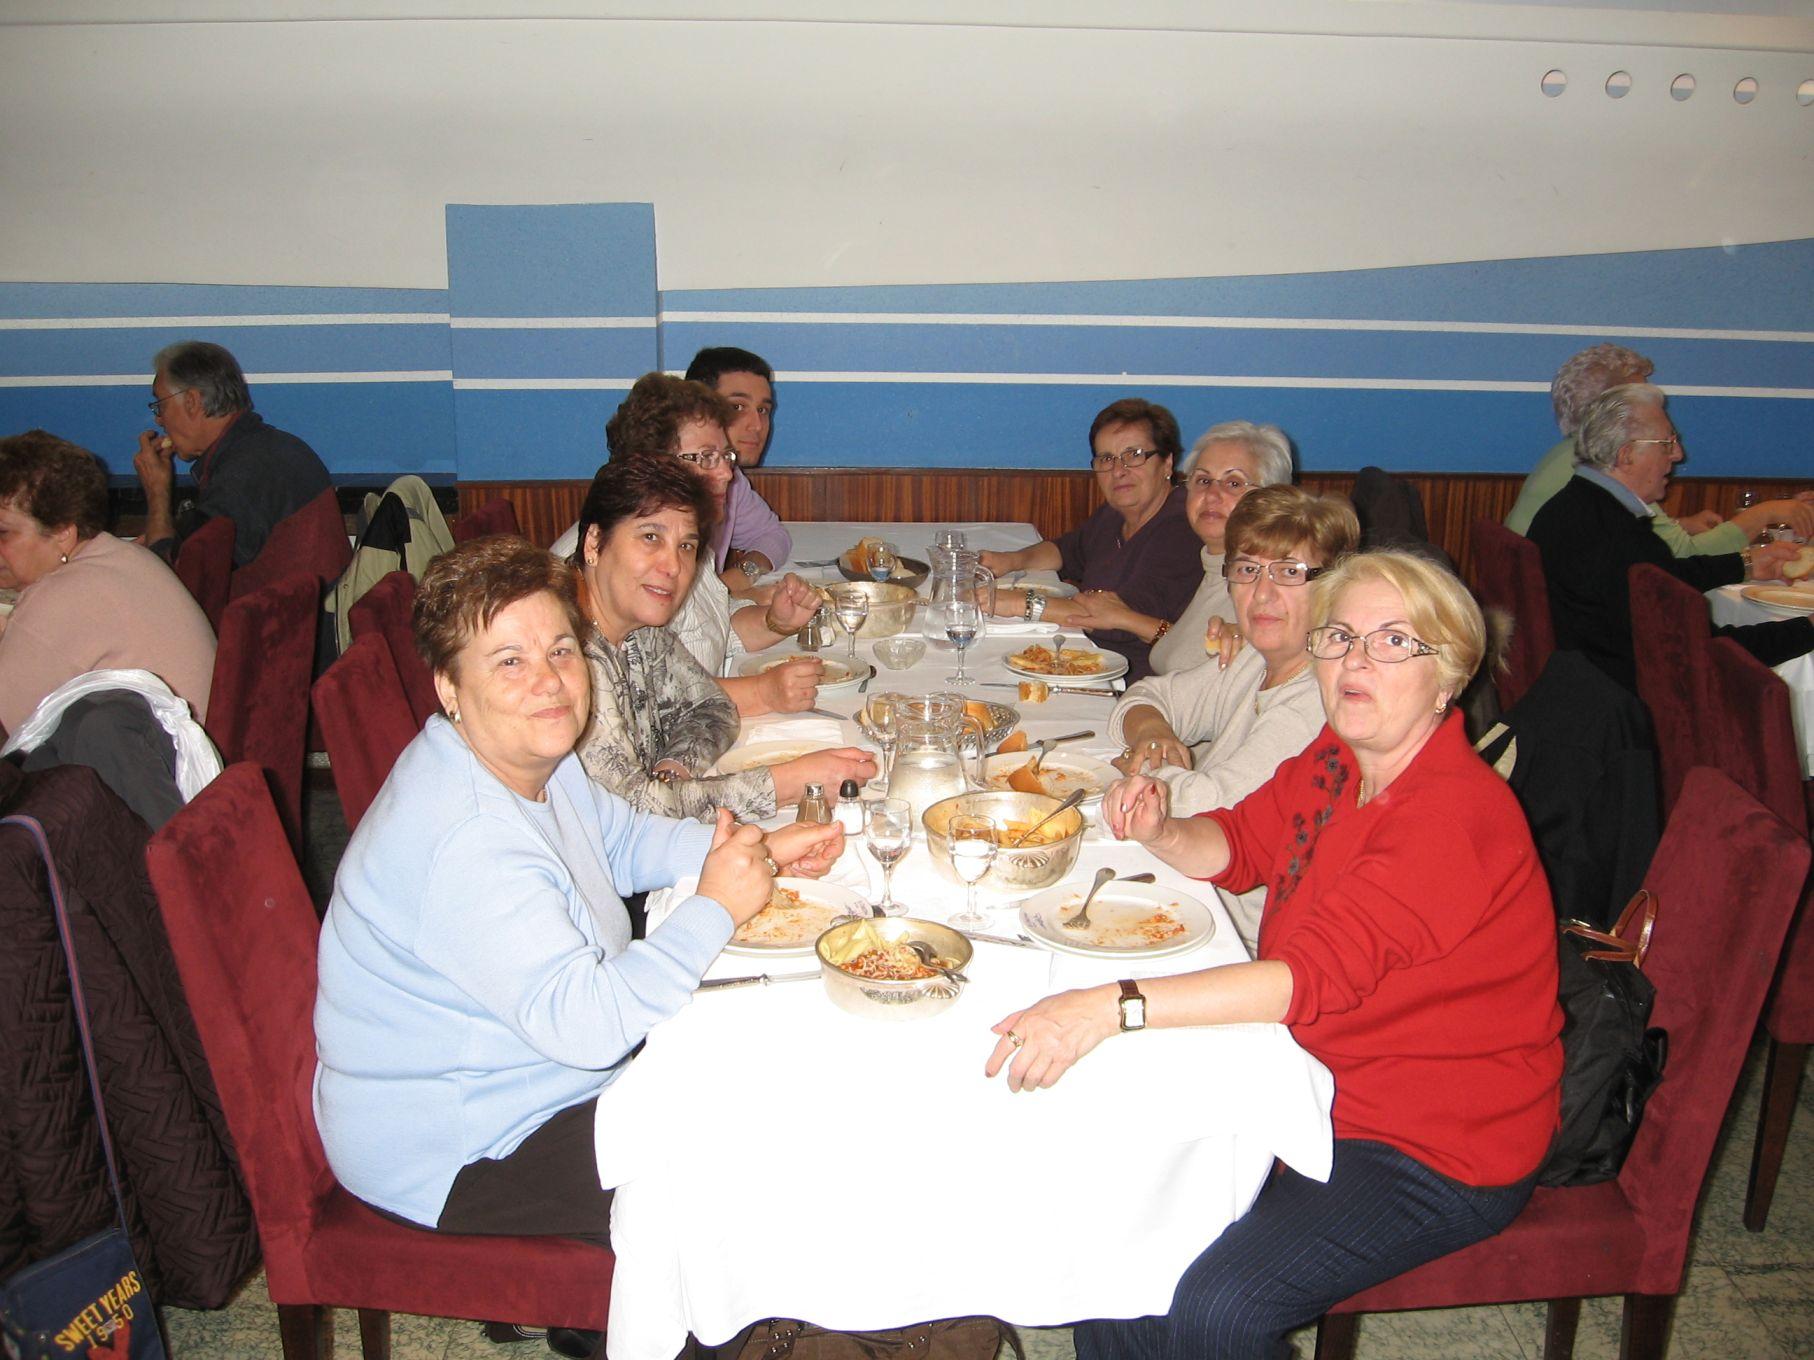 Lourdes-2009-10-24--12.39.37